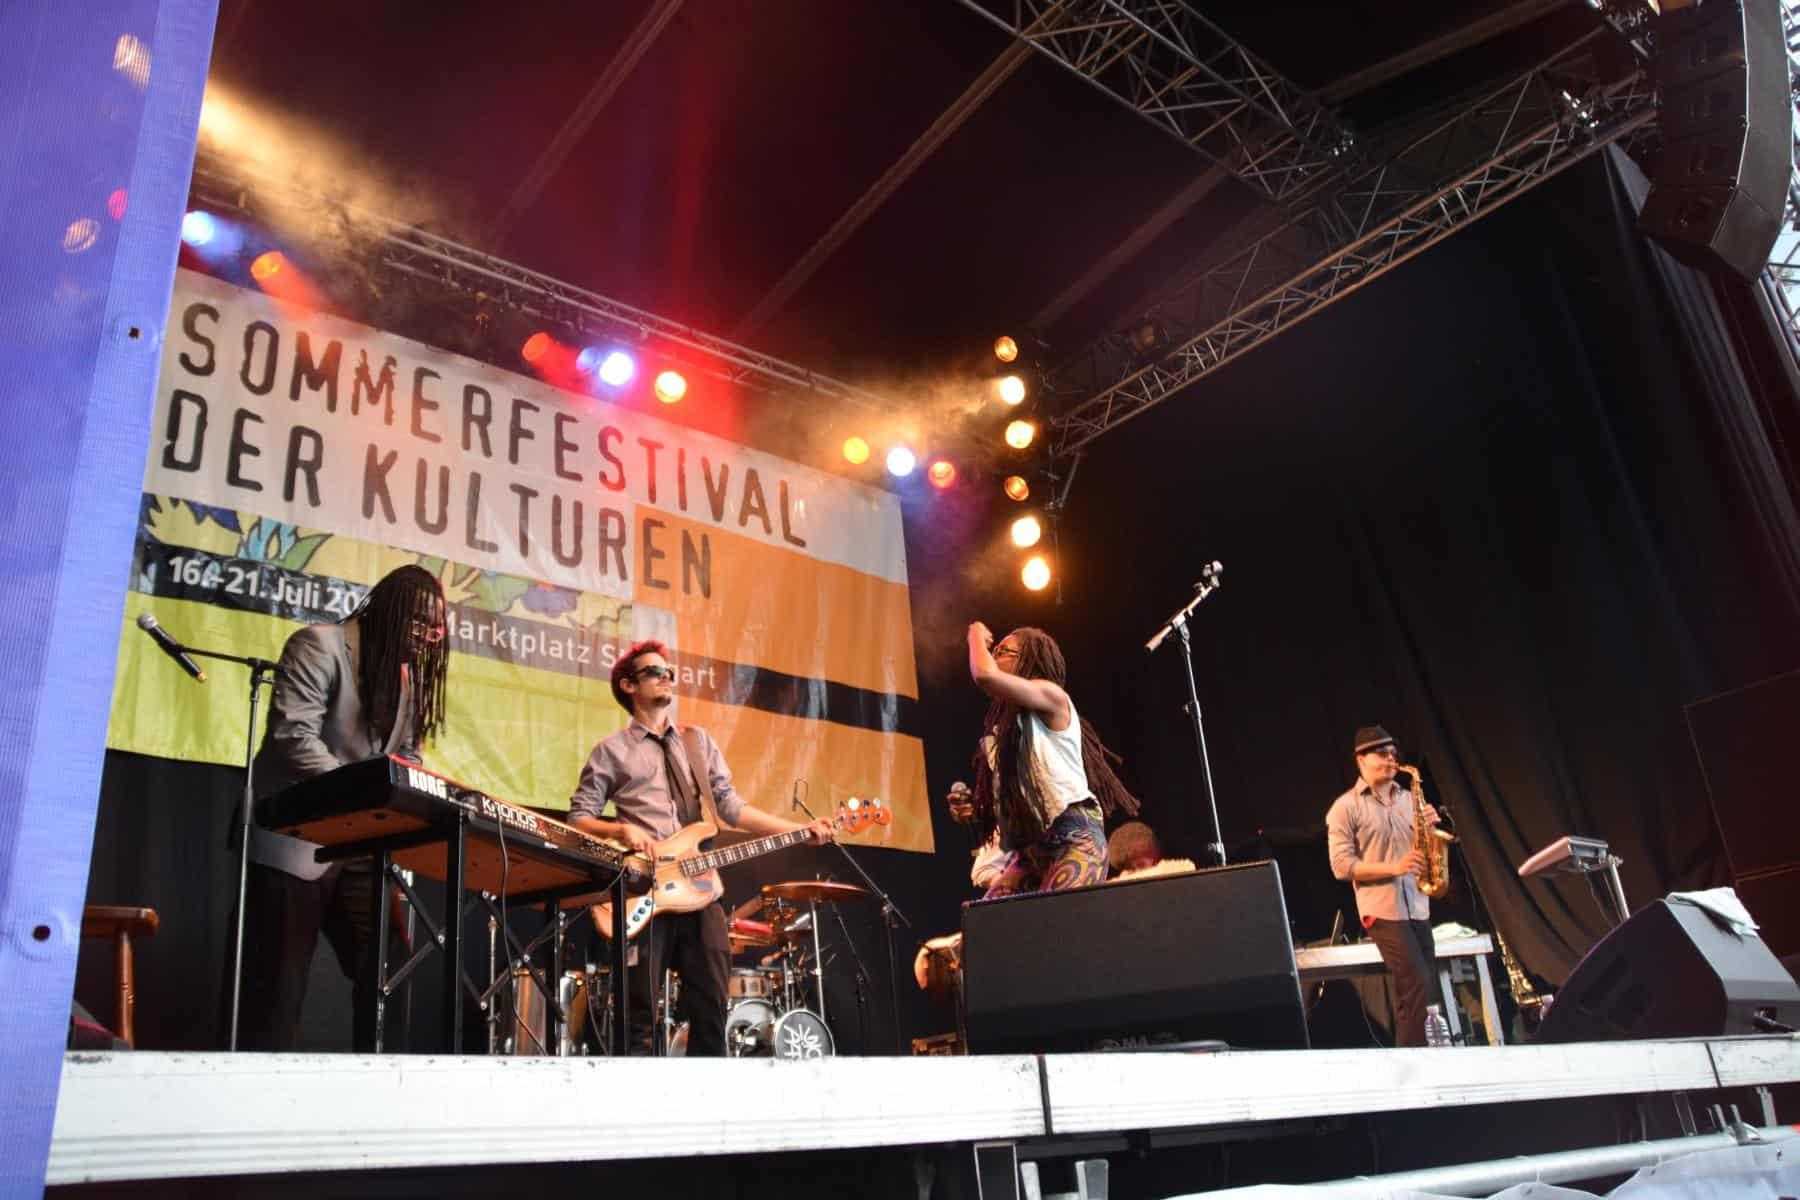 Sommerfestival der Kulturen 2013 in Stuttgart: Sonntag – schon wieder alles vorbei